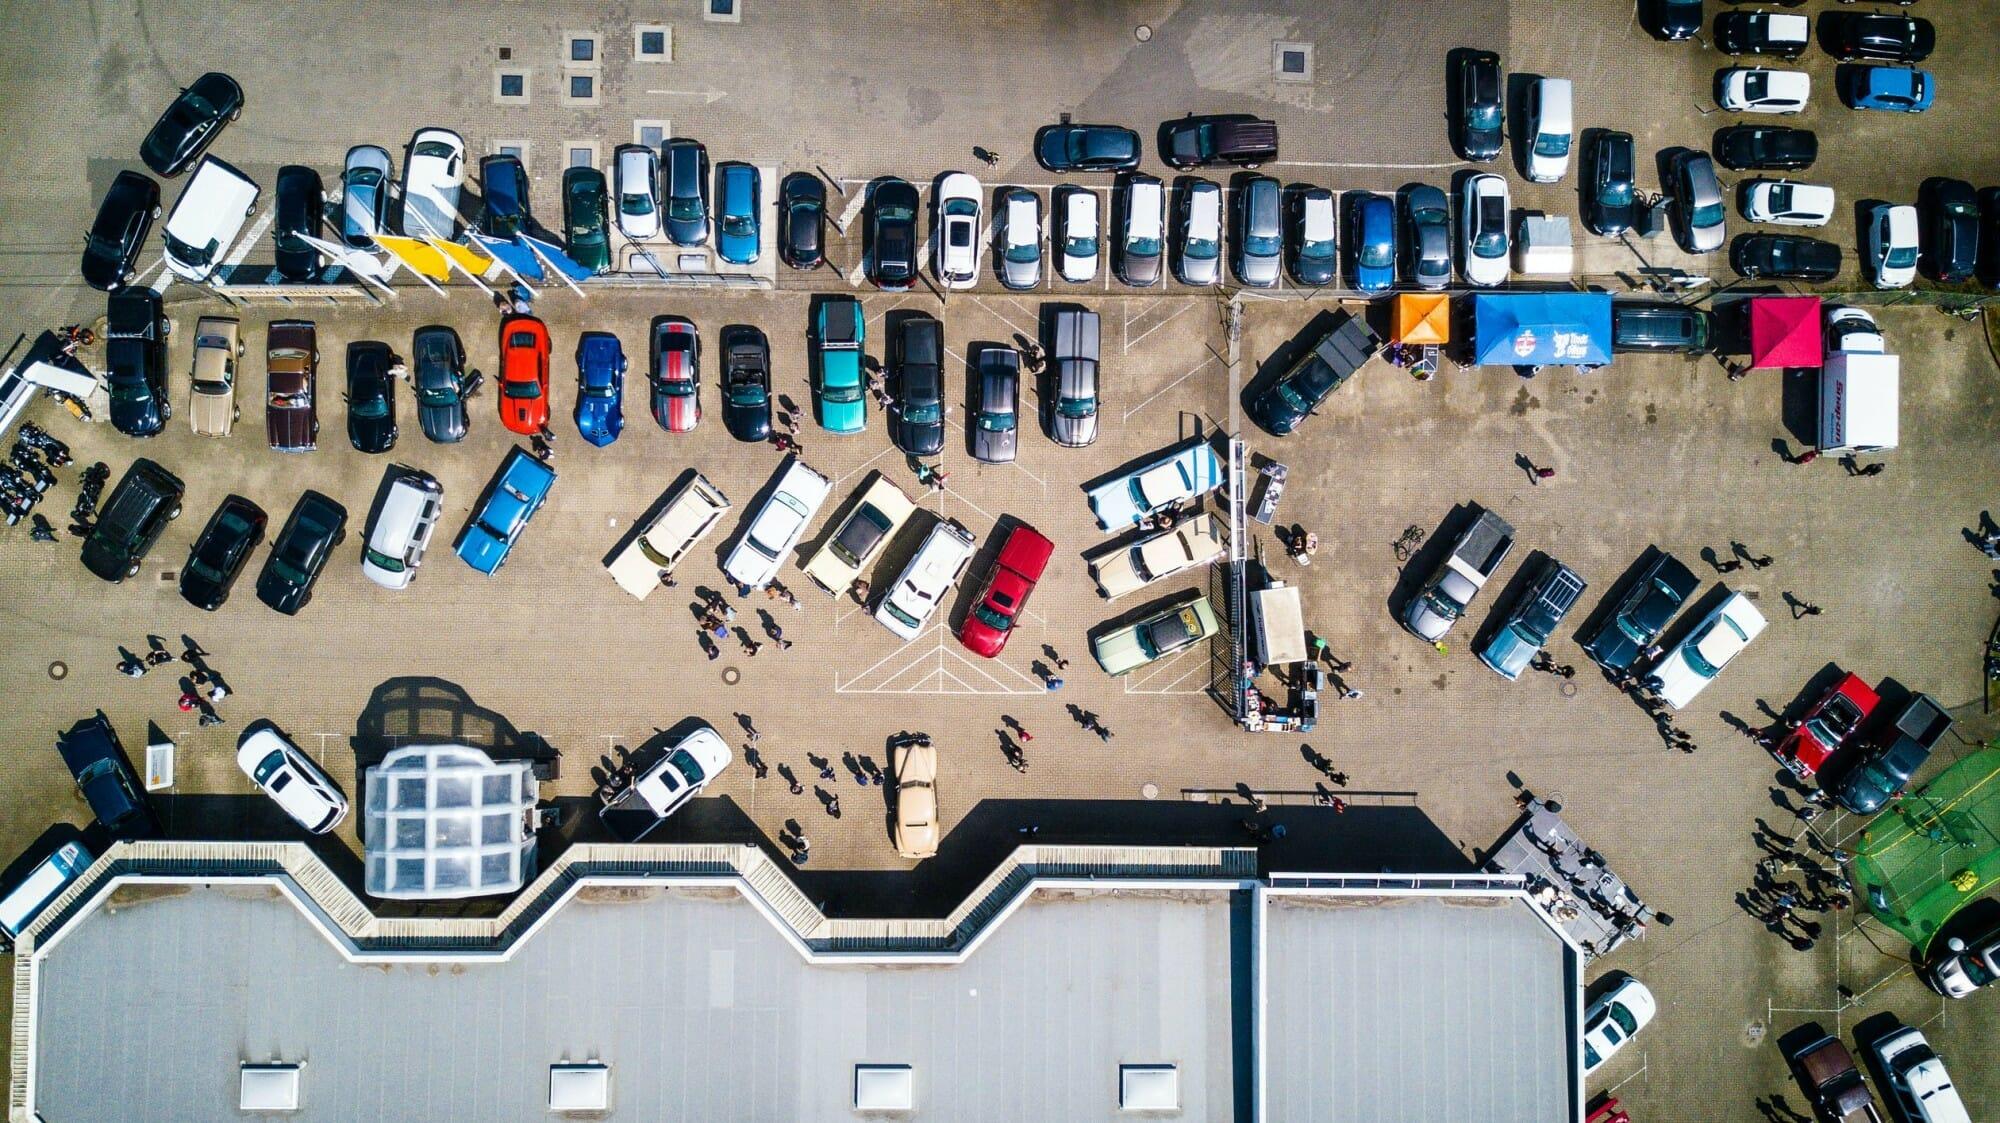 5 Essential City Parking Tips - ParkMobile